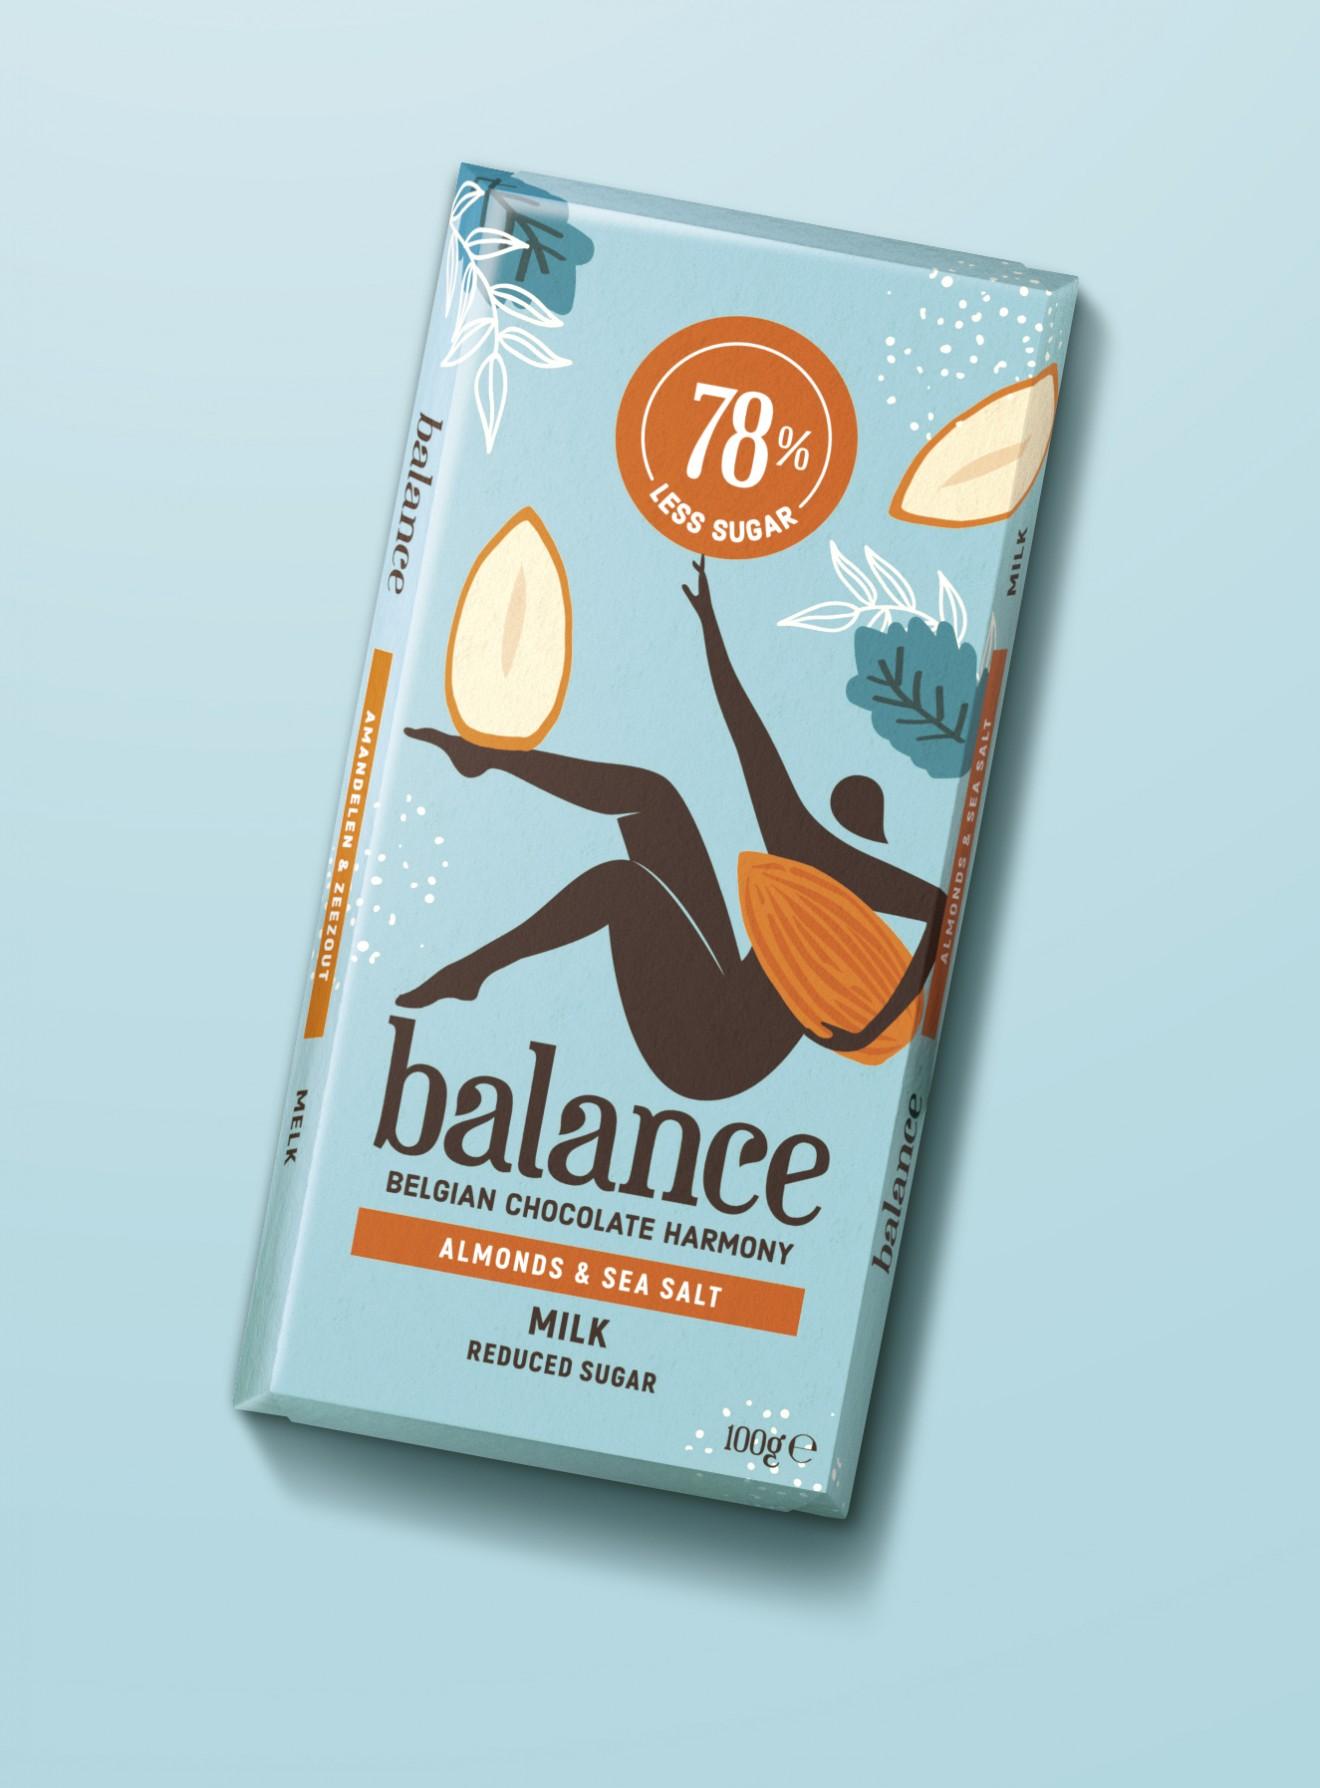 Quatre Mains package design - sea salt, almond, procent, quatre mains